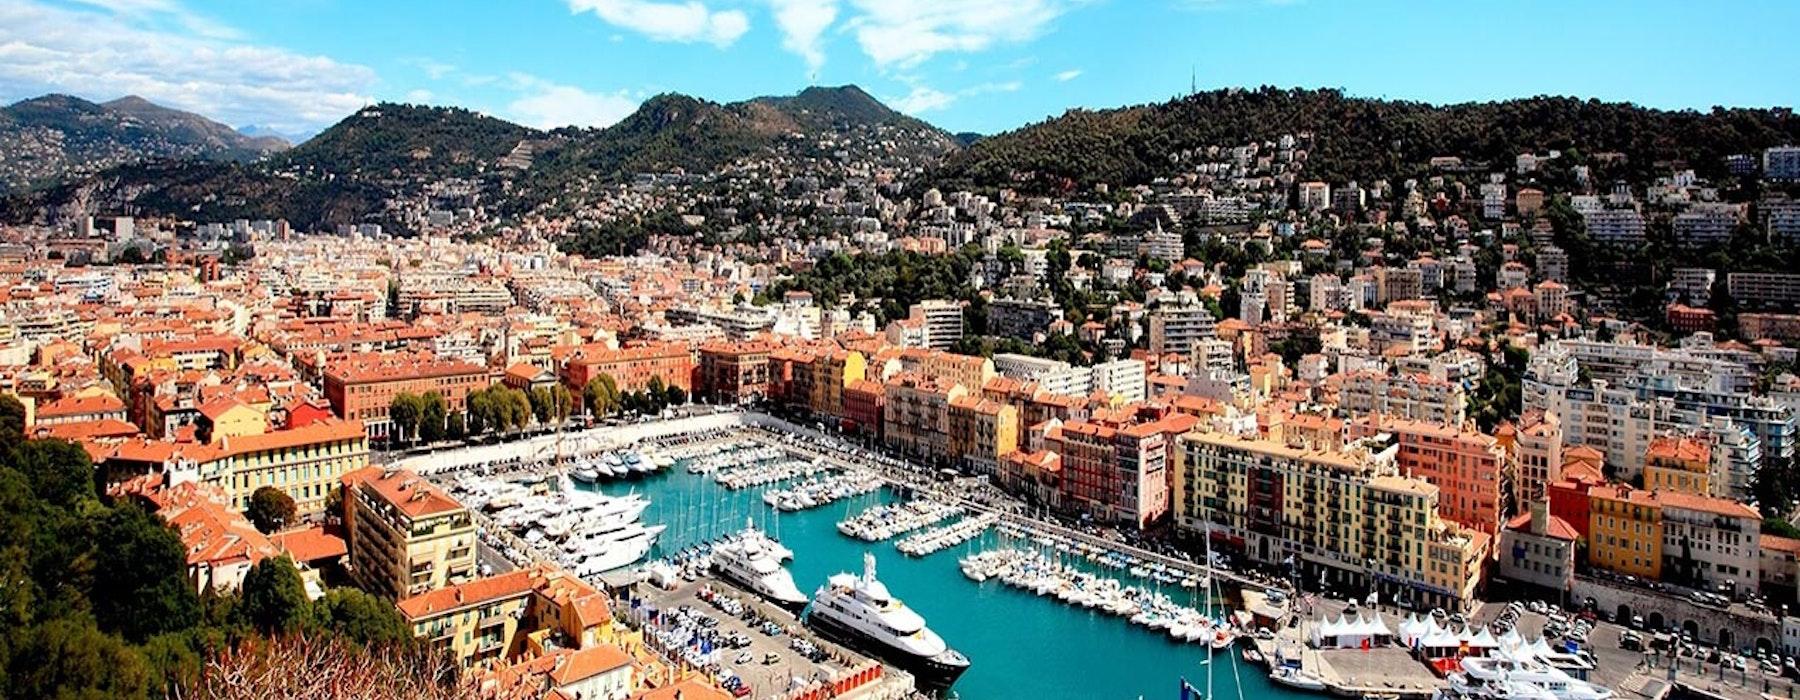 Cote d'Azur Yacht Charters